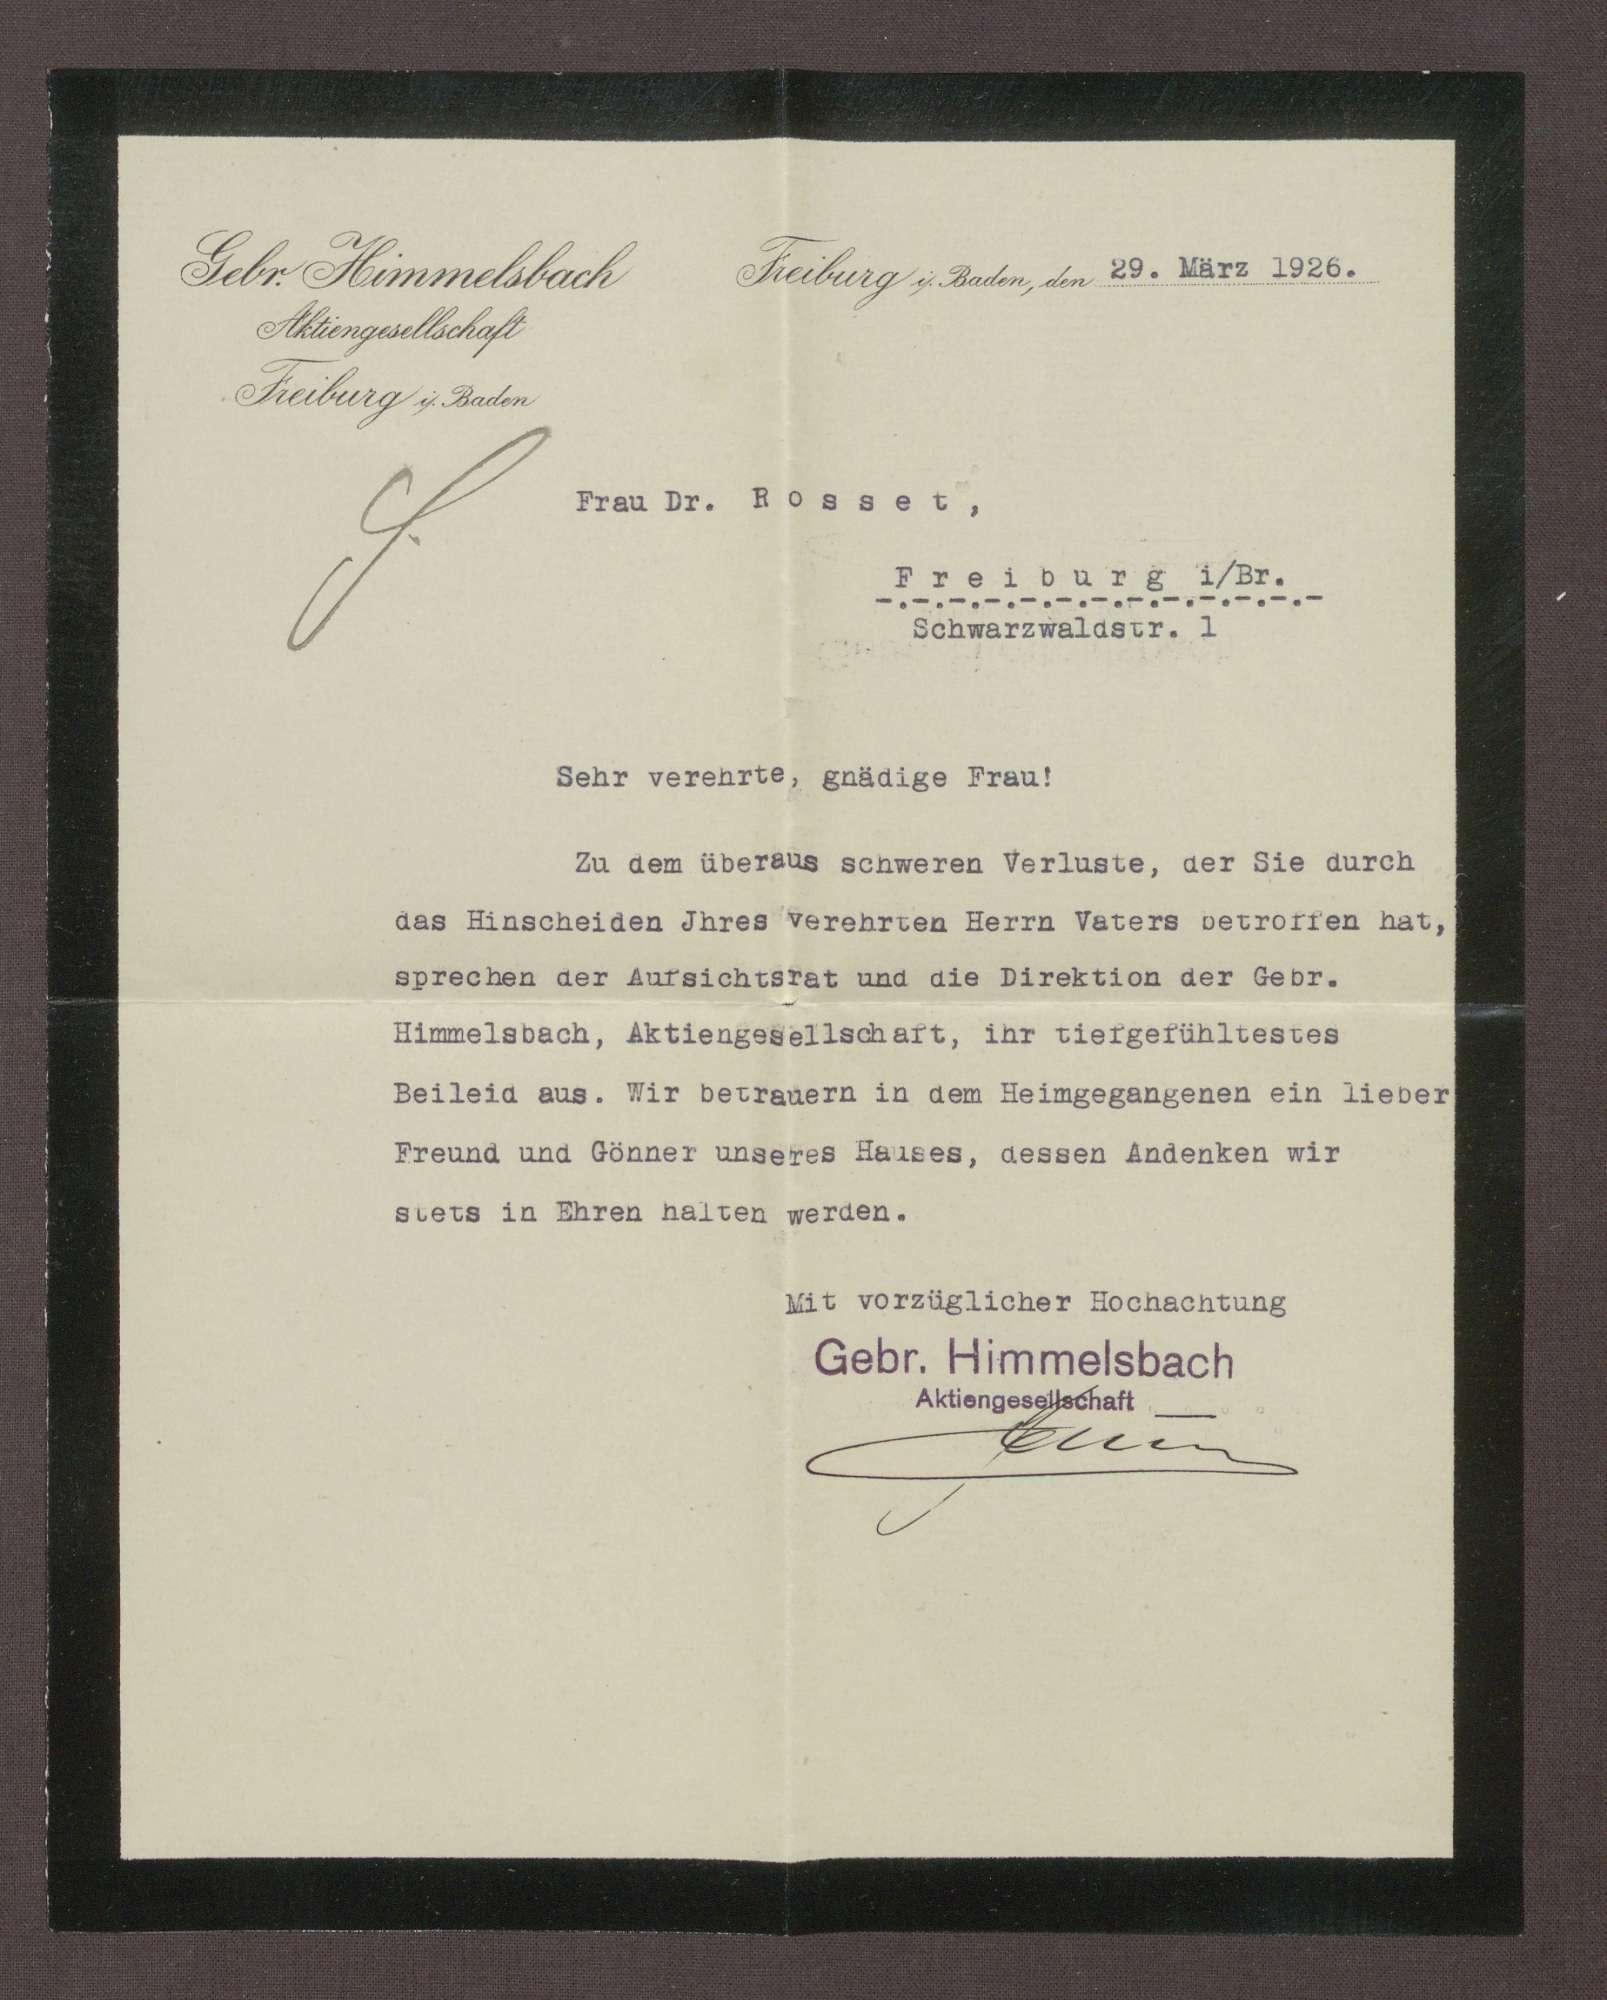 Schreiben der Gebrüder Himmelsbach, Freiburg, an Elisabeth Rosset, Kondolenzbrief zum Tod von Constantin Fehrenbach, Bild 1